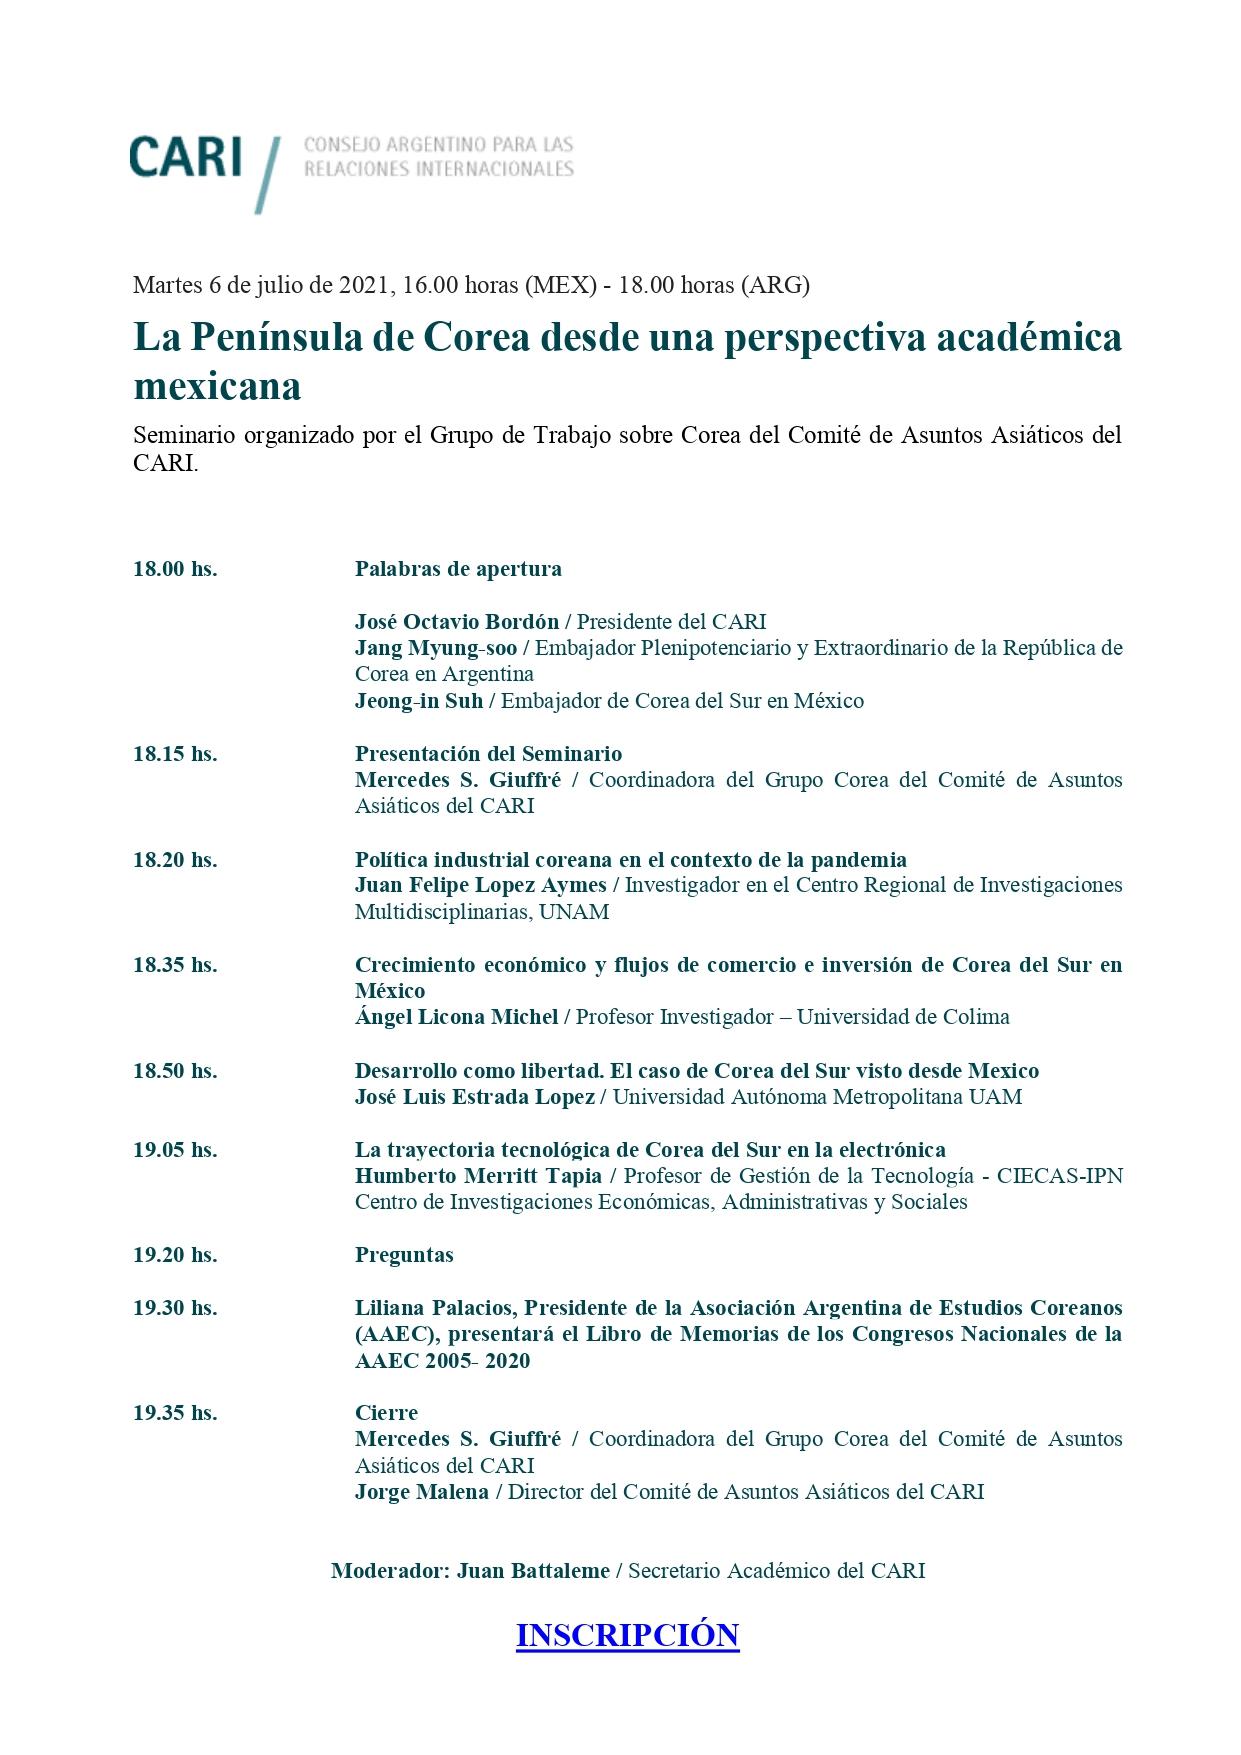 2021-07-06 - Seminario La Península de Corea desde una perspectiva académica mexicana_page-0001.jpg